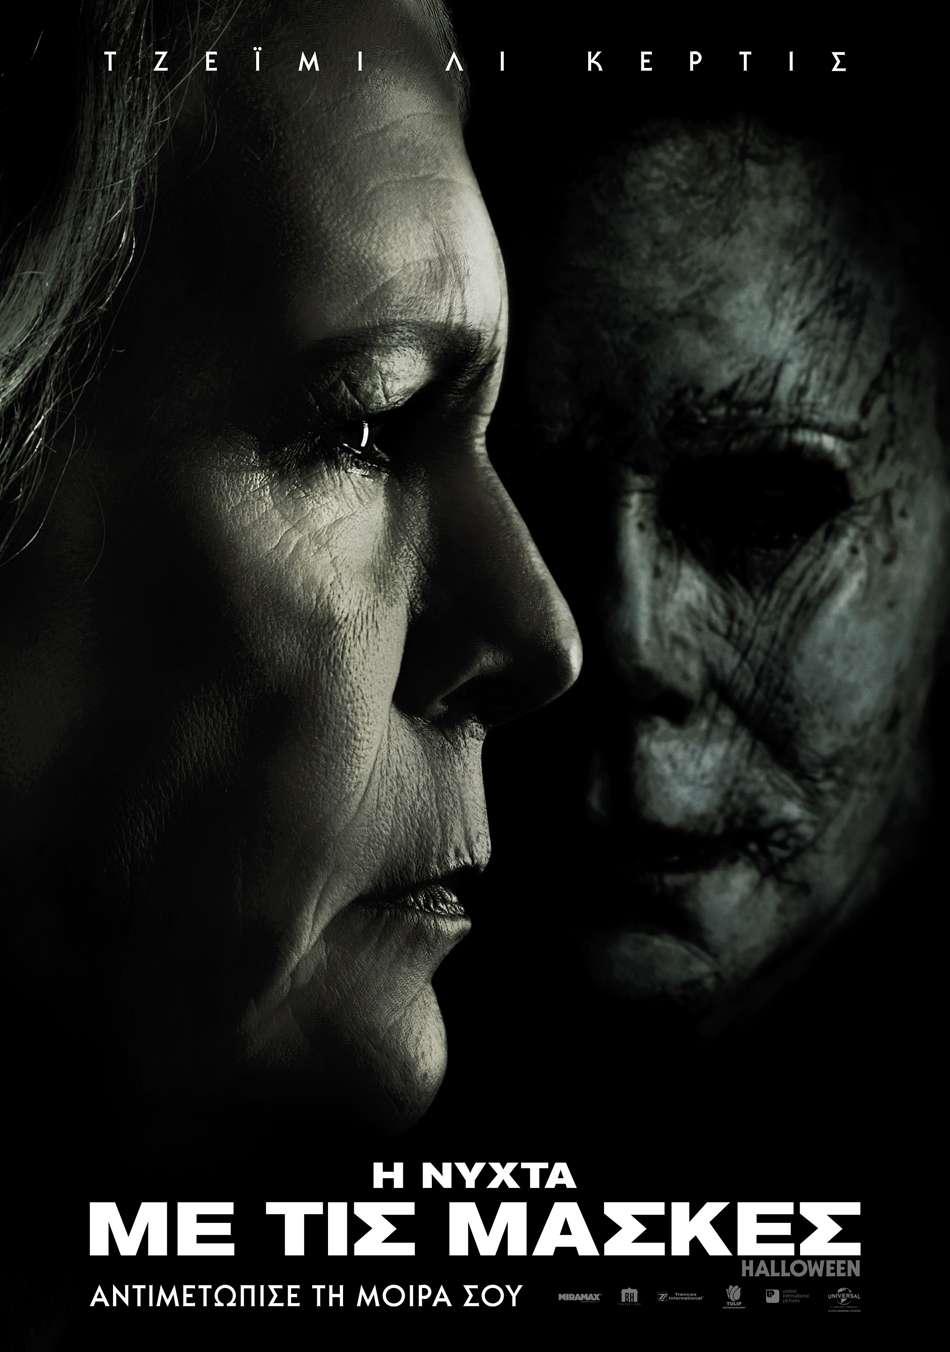 Η Νύχτα με τις Μάσκες (Halloween) Poster Πόστερ